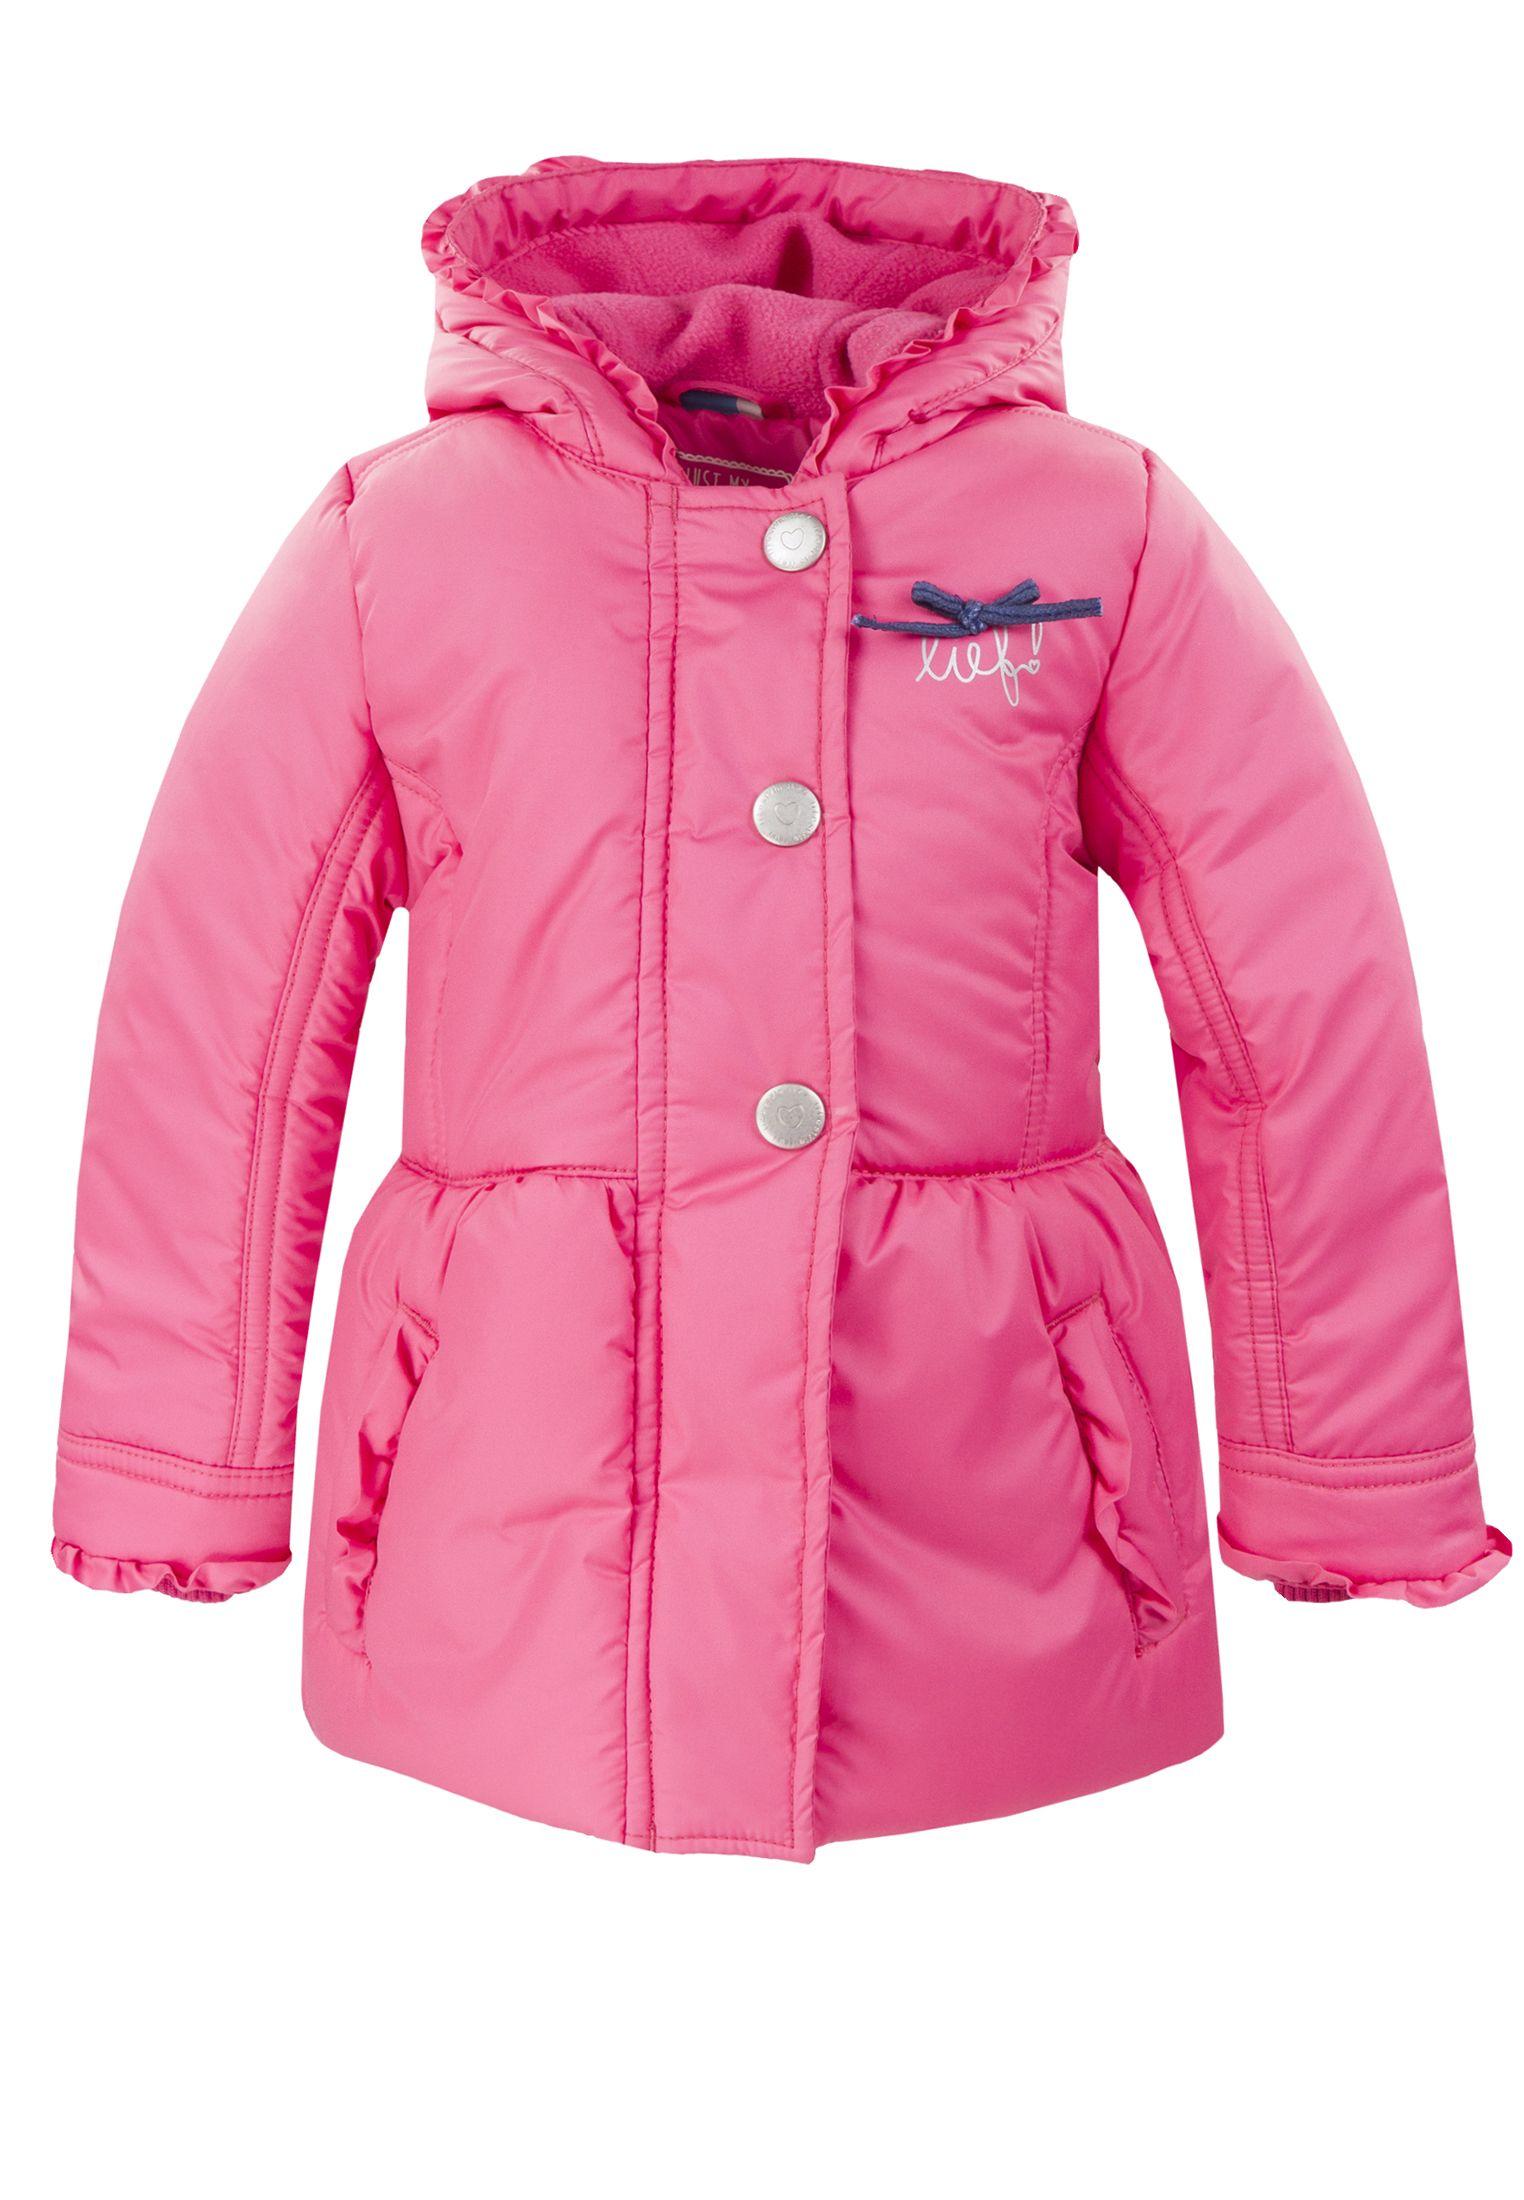 lief! lifestyle meisjes wintercollectie 2016: roze winterjas | lief! lifestyle girls wintercollection 2016 | www.lieflifestyle.nl